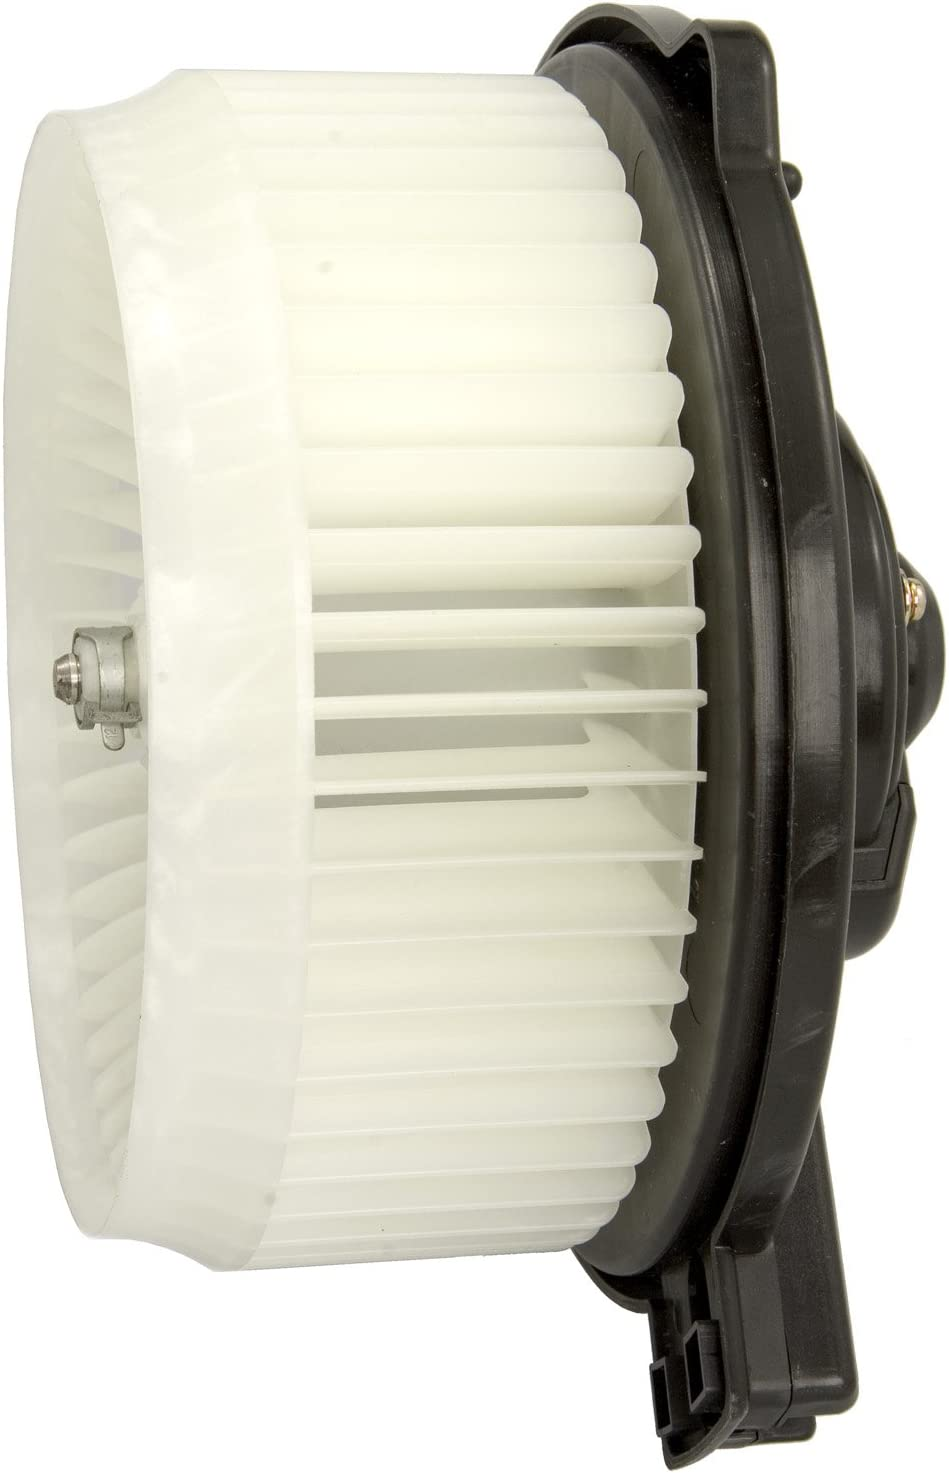 HVAC Blower Motor Front Cooling Depot 75739